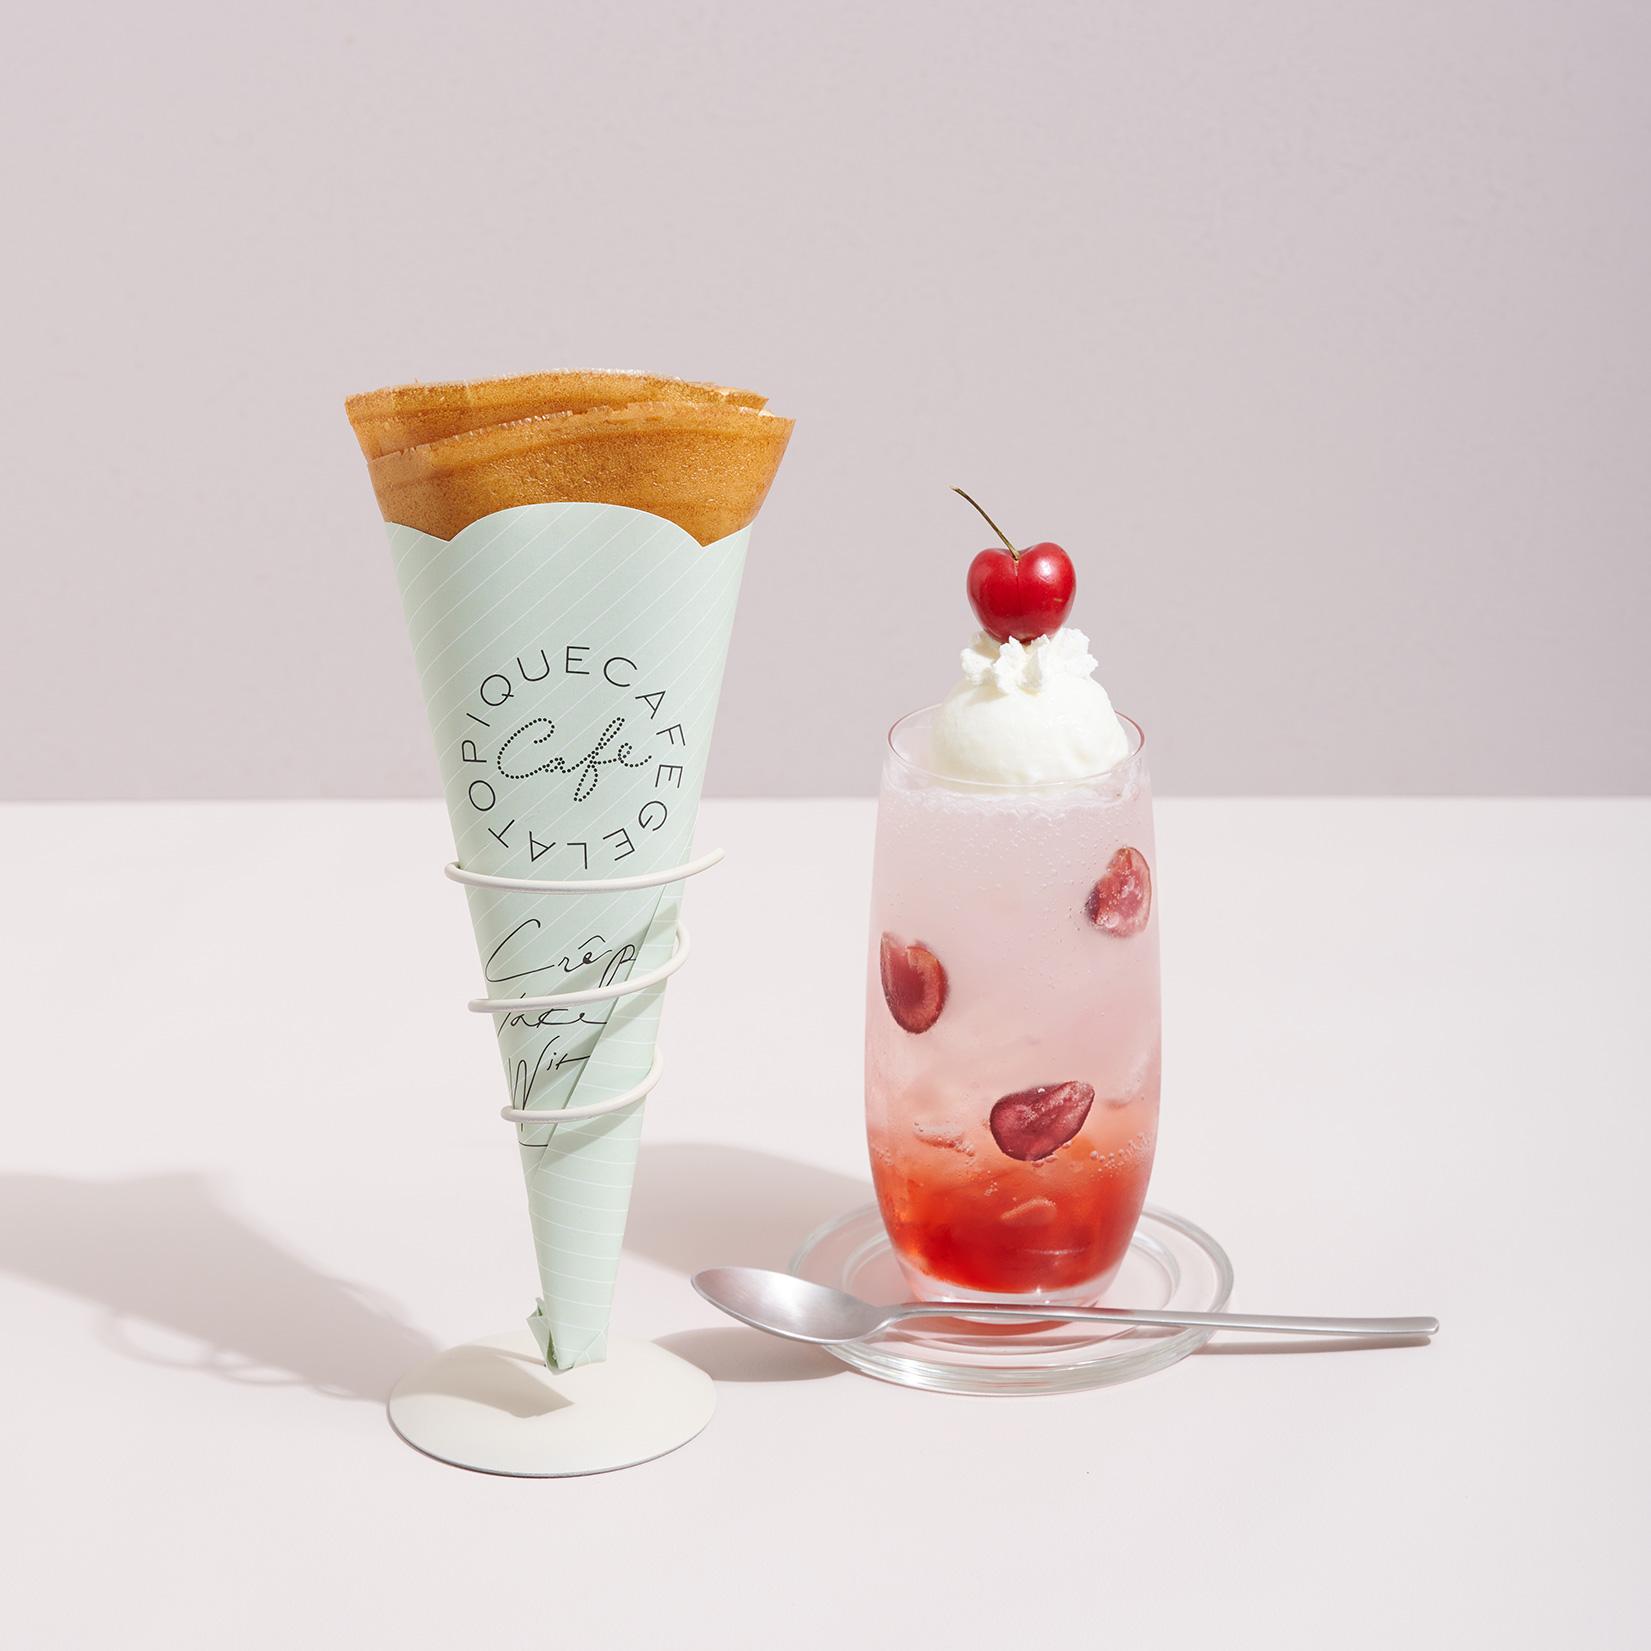 gelato-pique-cafe%ef%bc%88%e3%82%b8%e3%82%a7%e3%83%a9%e3%83%bc%e3%83%88-%e3%83%94%e3%82%b1-%e3%82%ab%e3%83%95%e3%82%a7%ef%bc%89-7